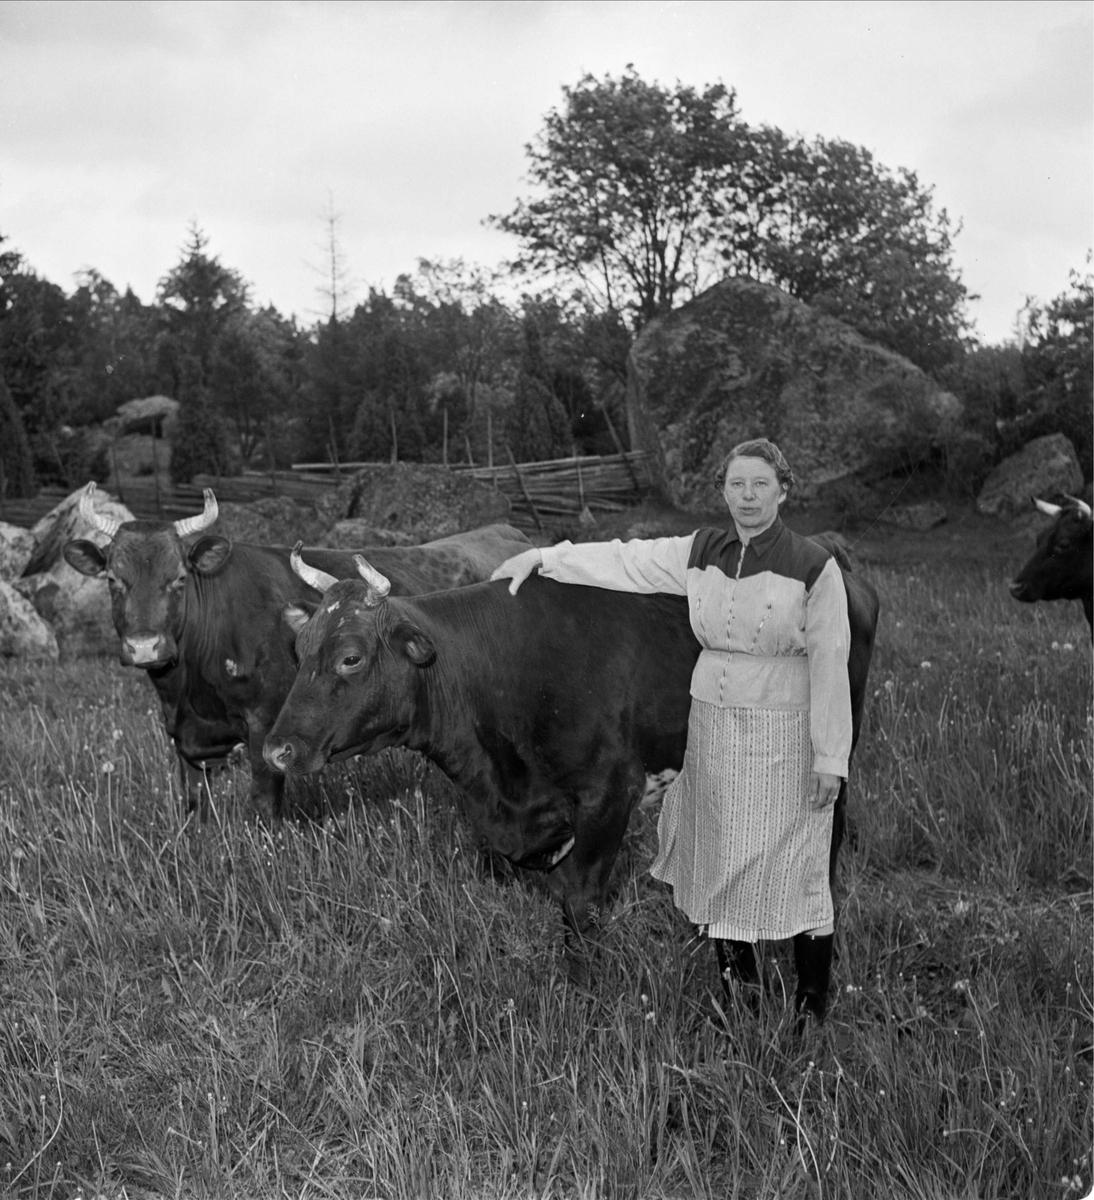 Karin Fransson, Knivsbrunna, Danmarks socken, Uppland vallar kor juni 1956